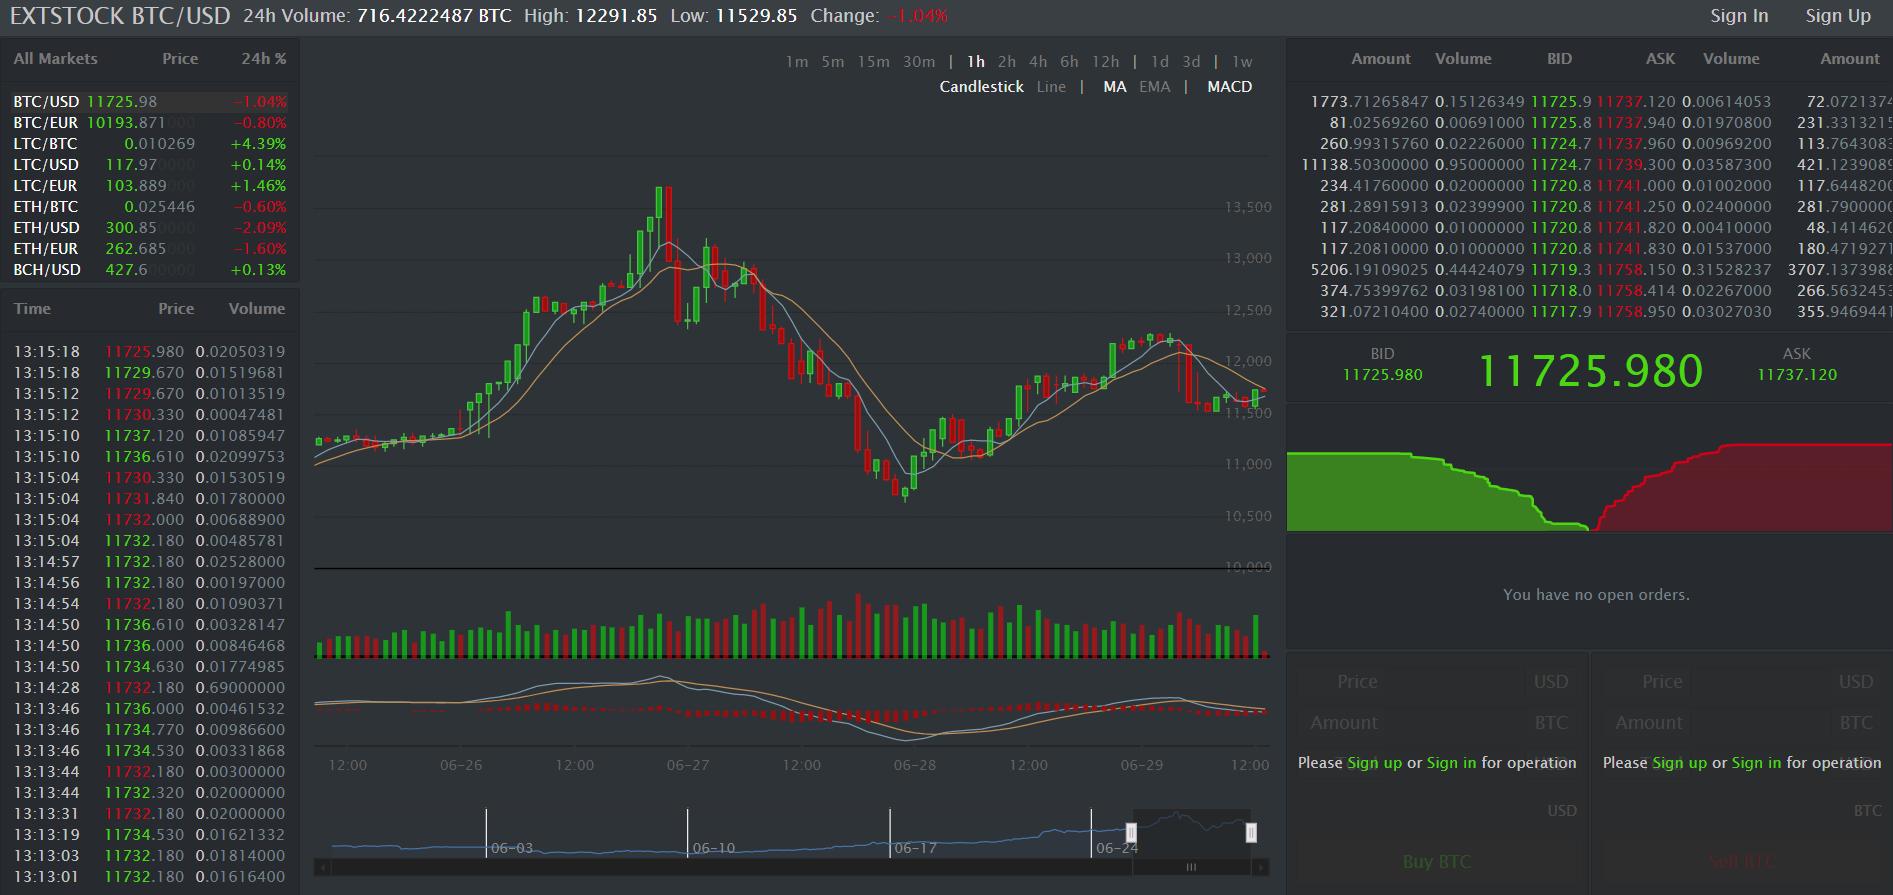 ExtStock Trading View